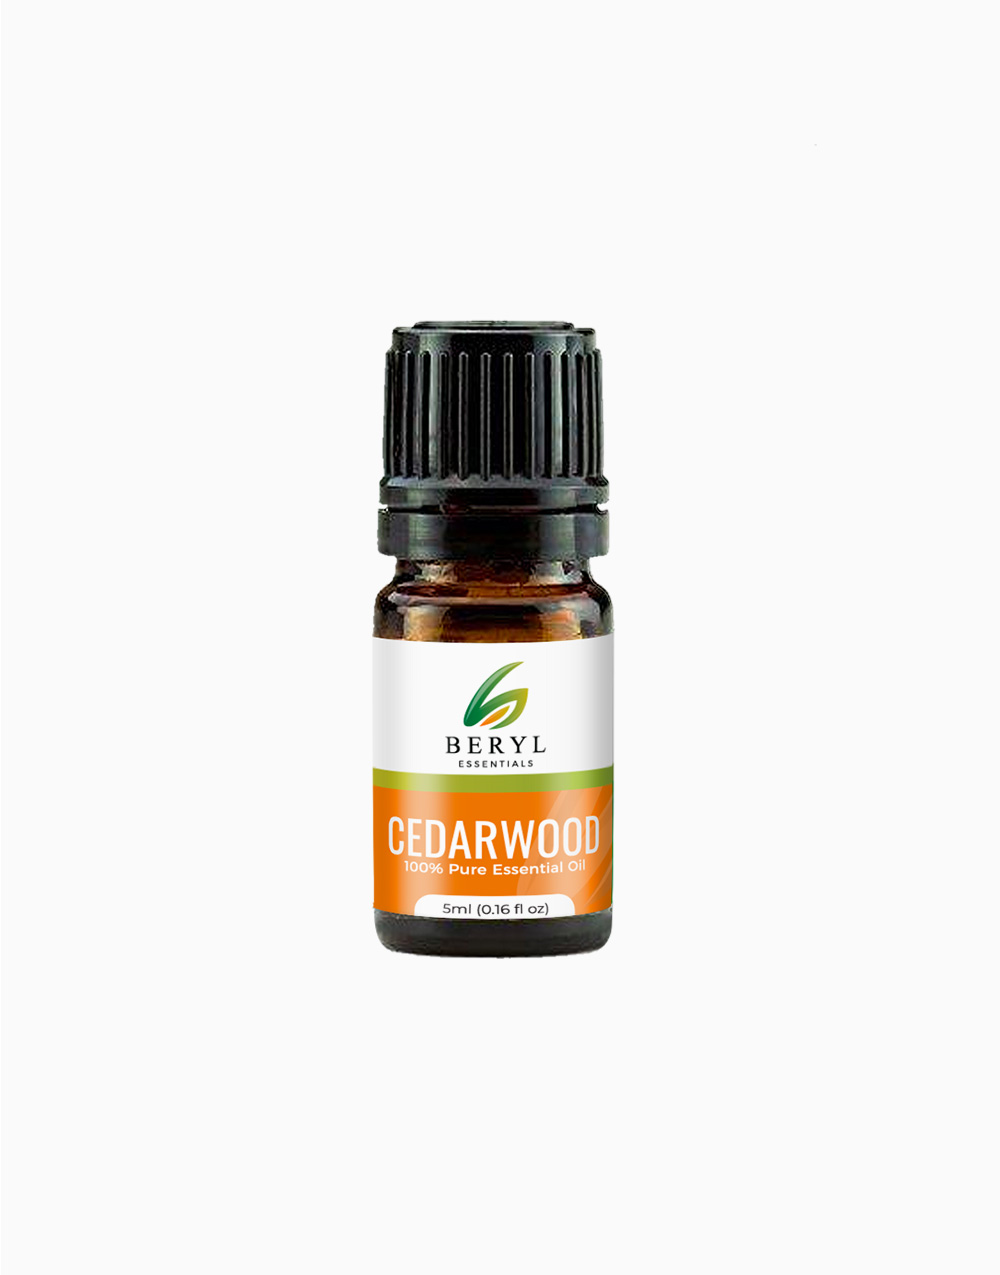 Cedarwood Essential Oil (5ml) by Beryl Essentials